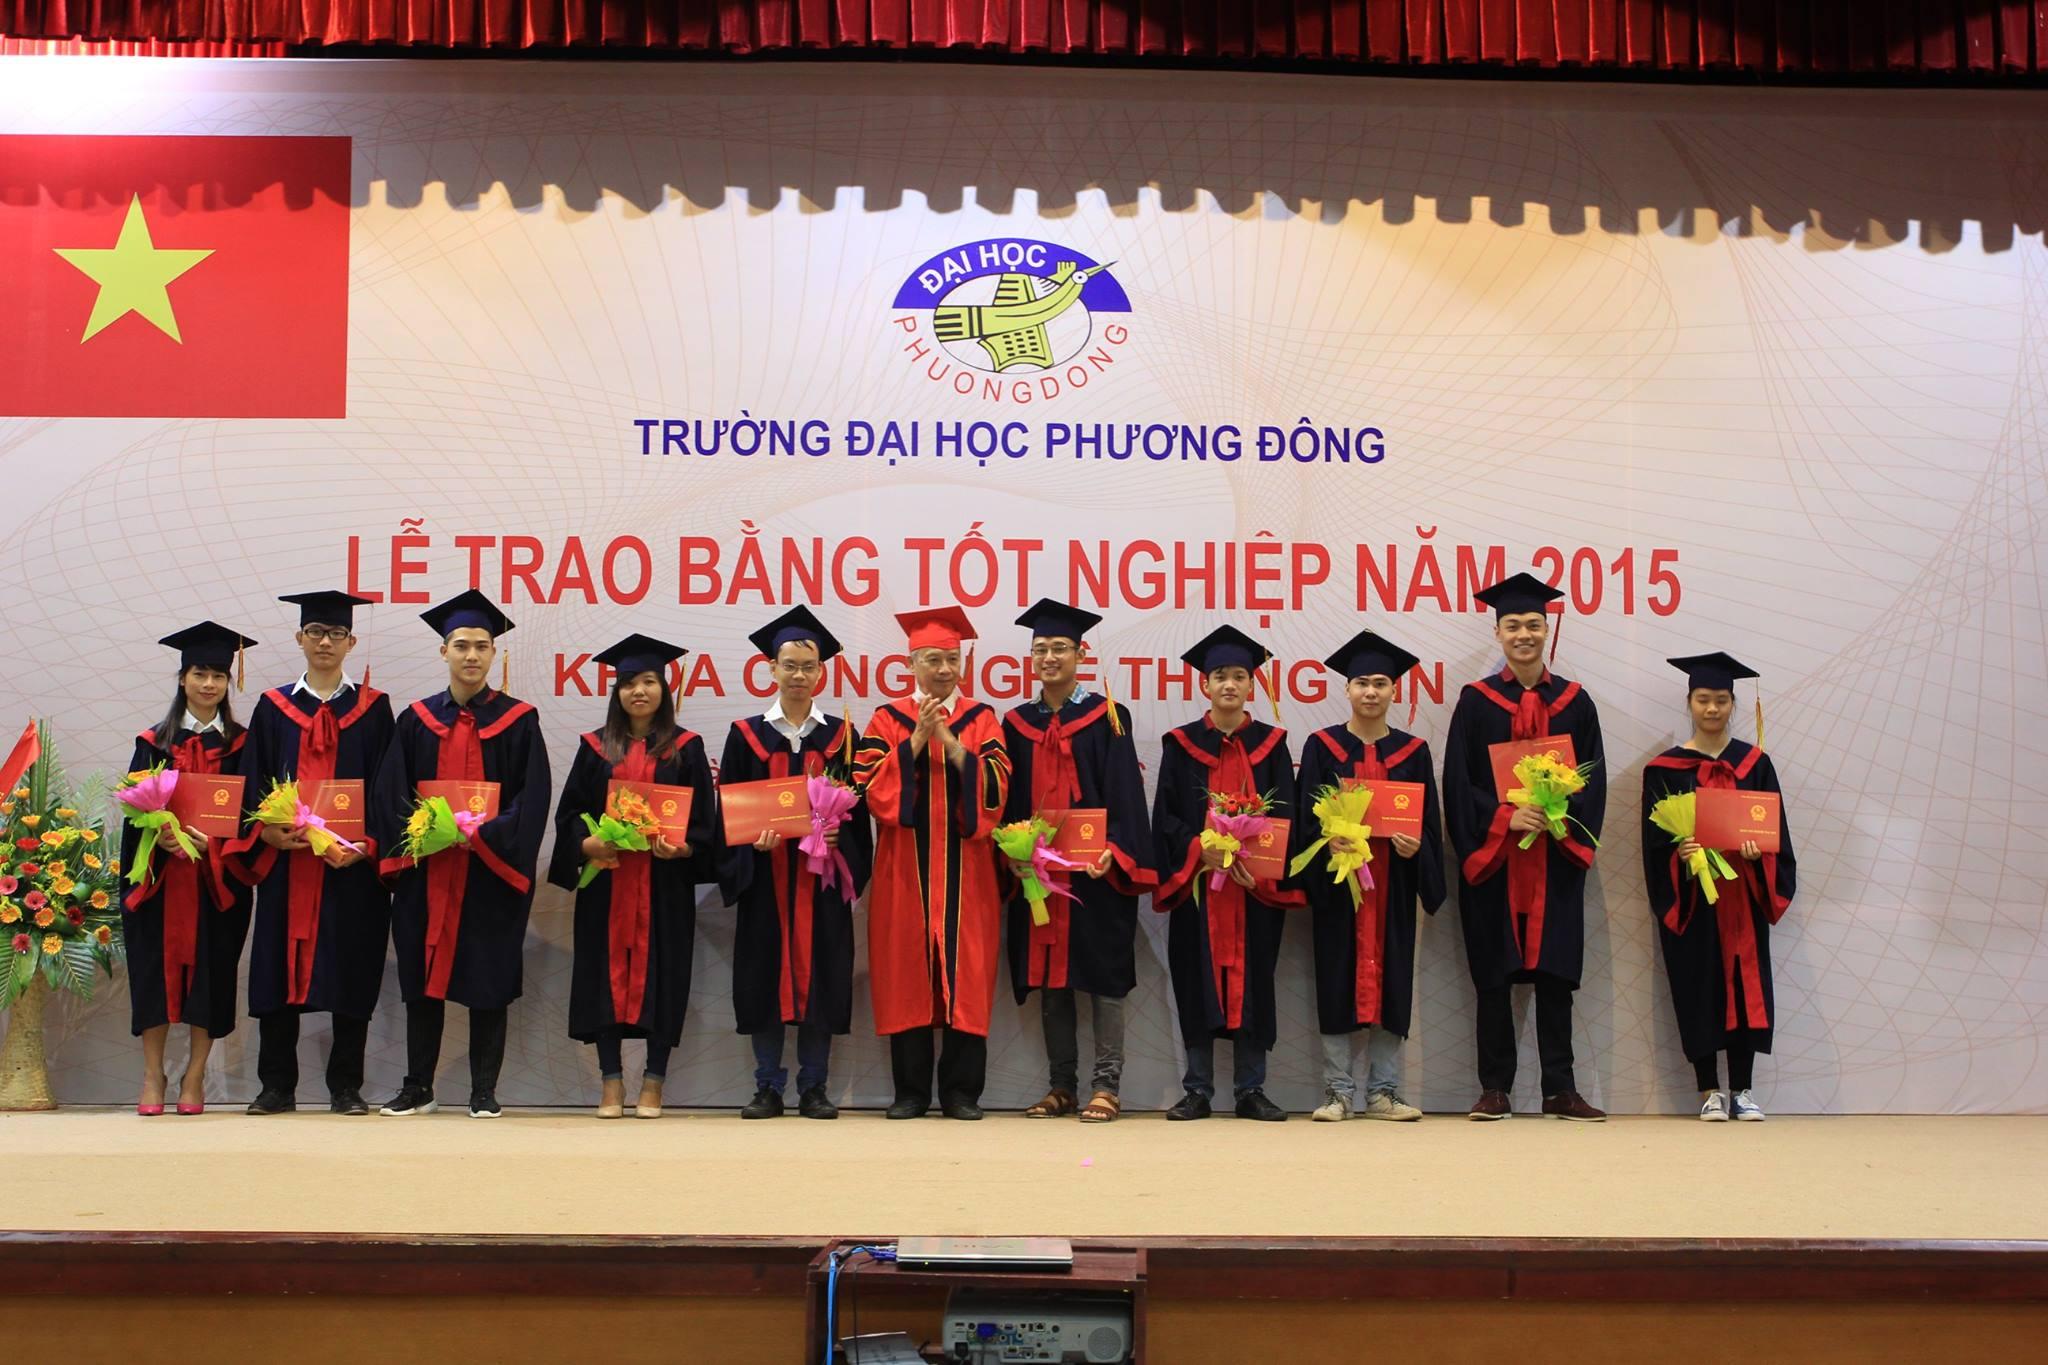 Sinh viên CNTT trưởng thành sau 4 năm học tập hăng say và nhiệt huyết